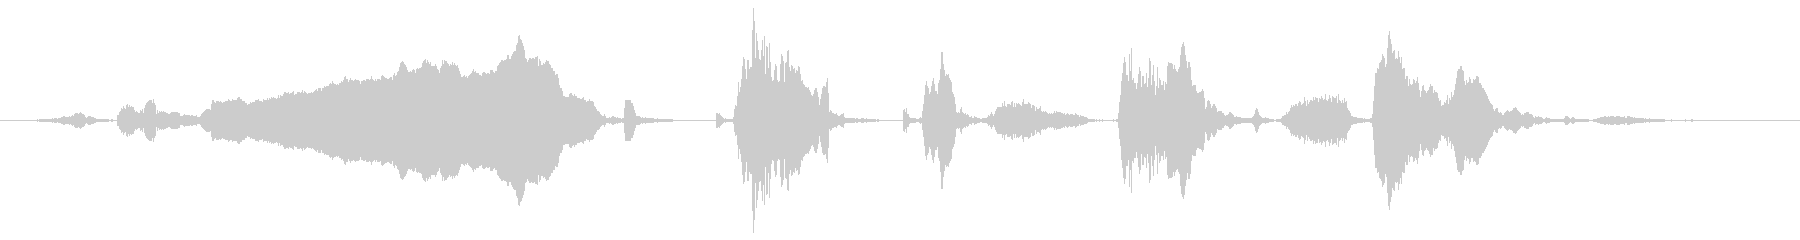 ロバ ブレイロング01の未再生の波形